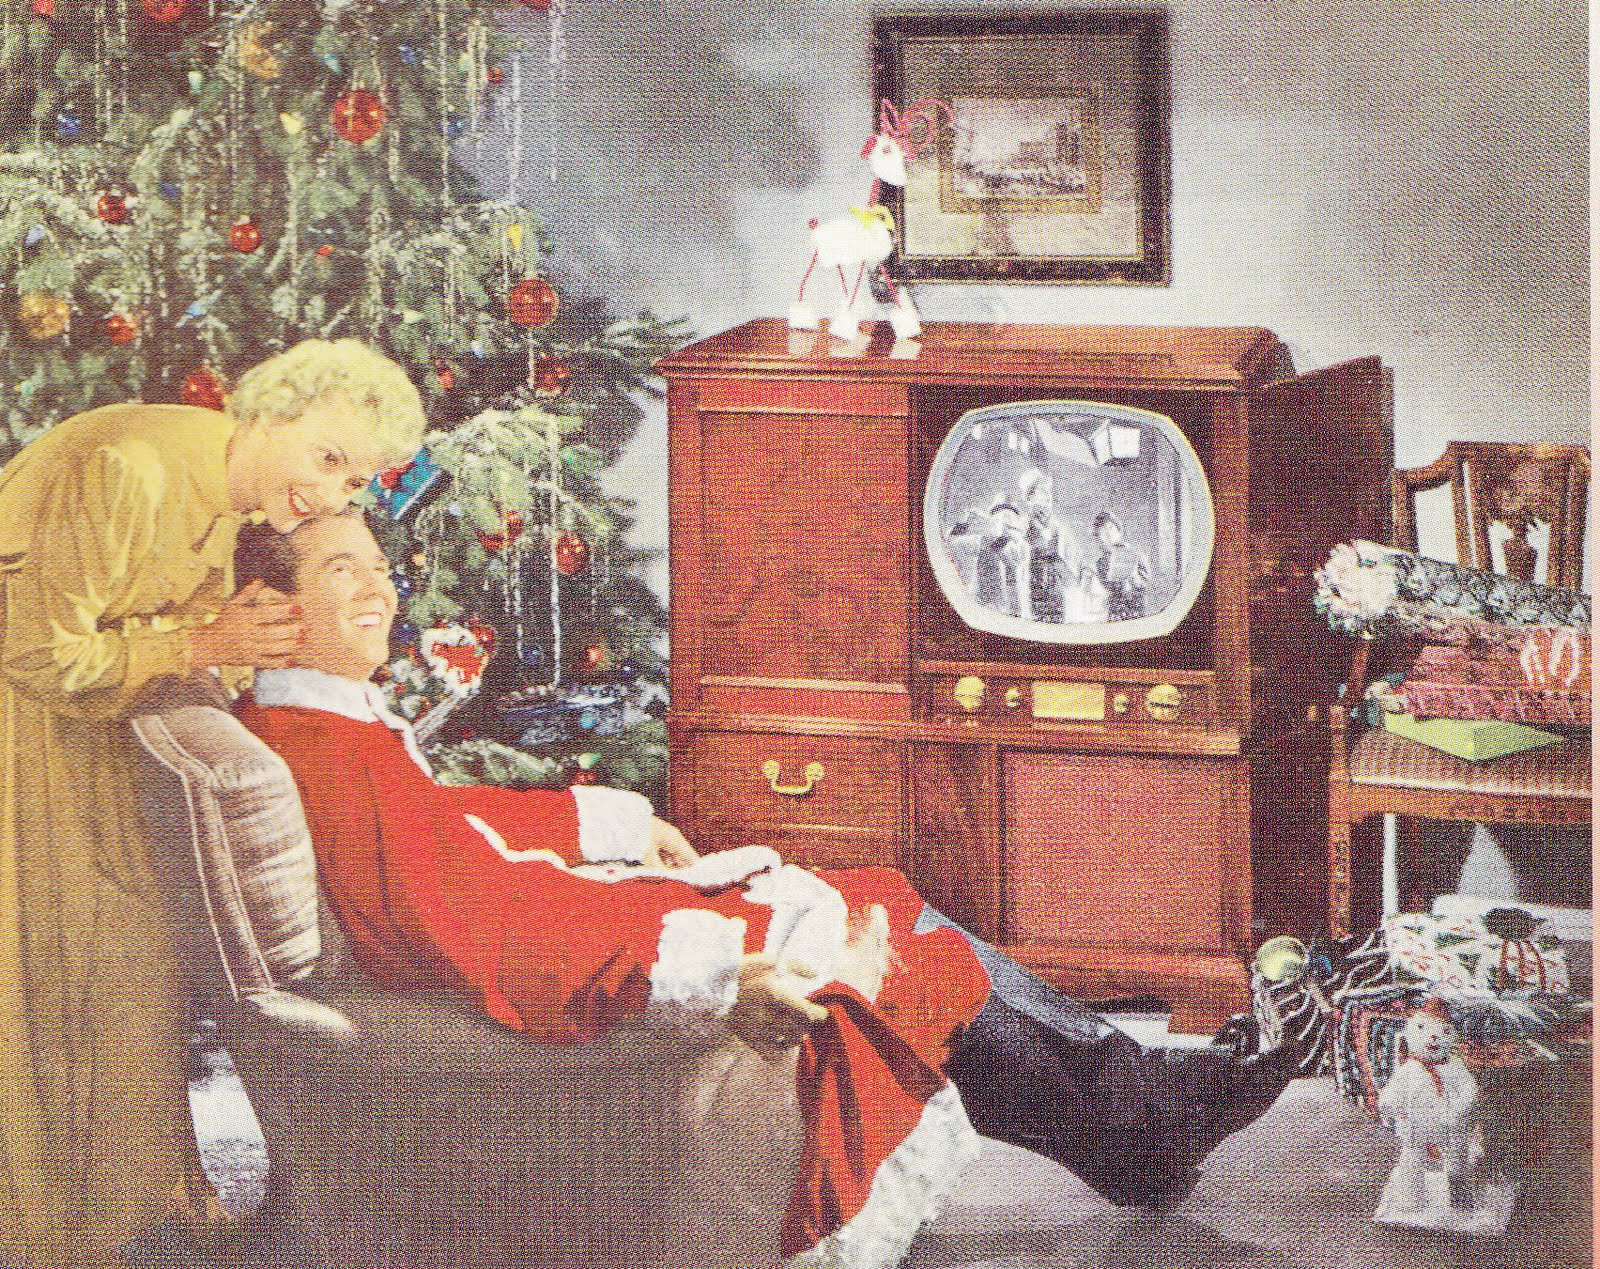 American Christmas: 1950's Christmas illustrations